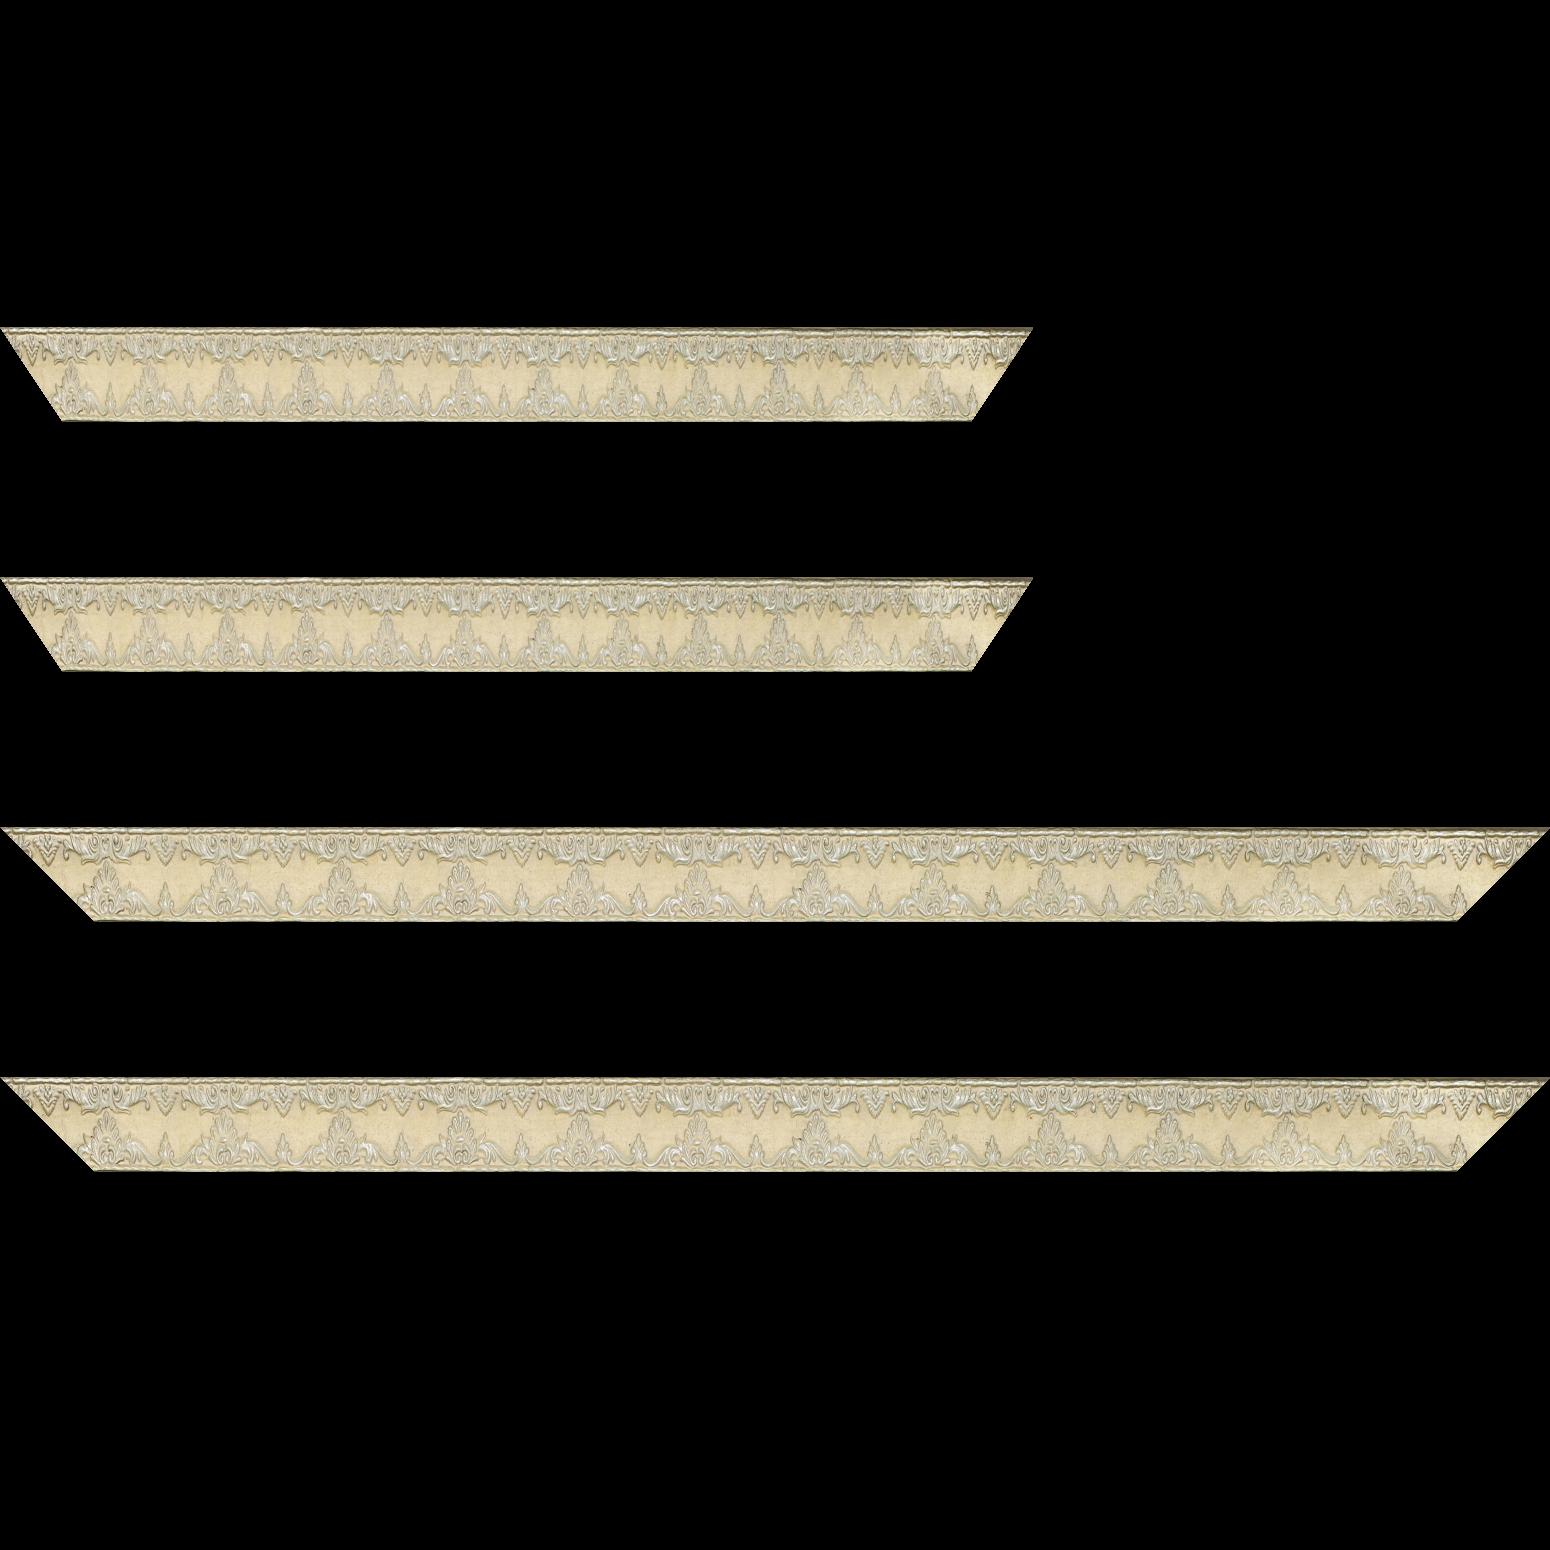 Baguette service précoupé Bois profil incurvé largeur 3cm couleur crème antique décor ancien